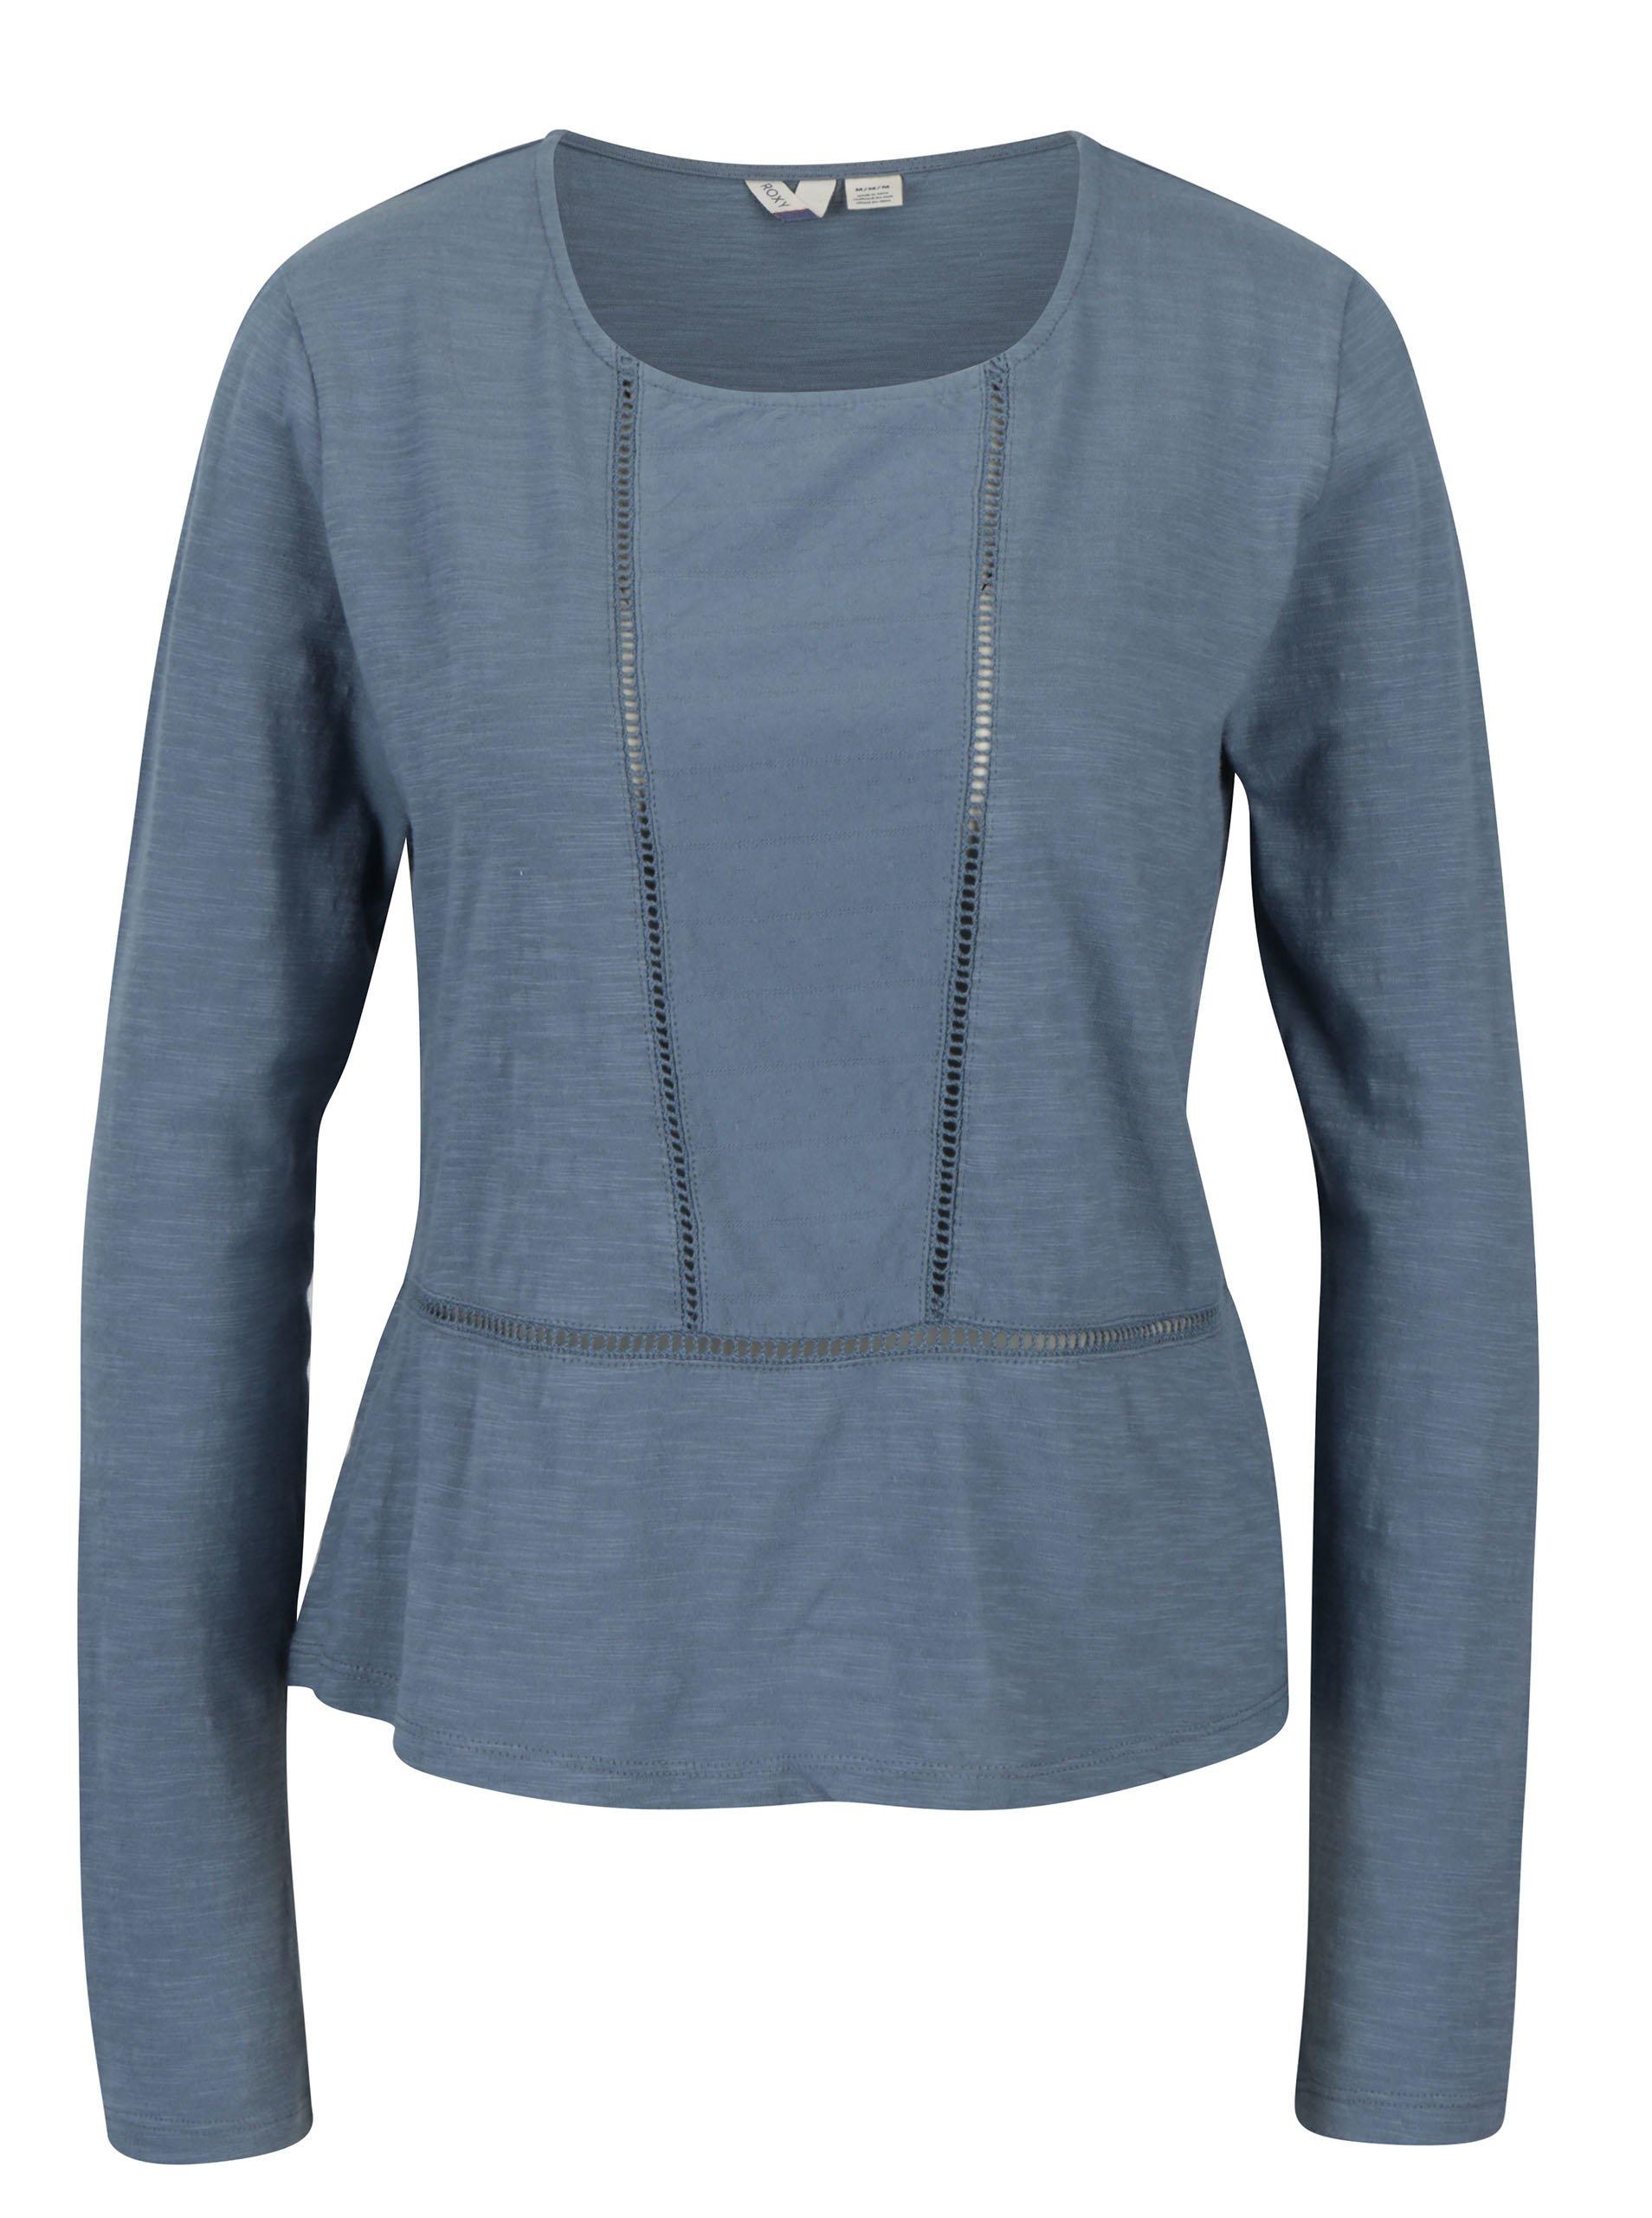 Modré dámské tričko s děrovanými detaily Roxy We Make Together